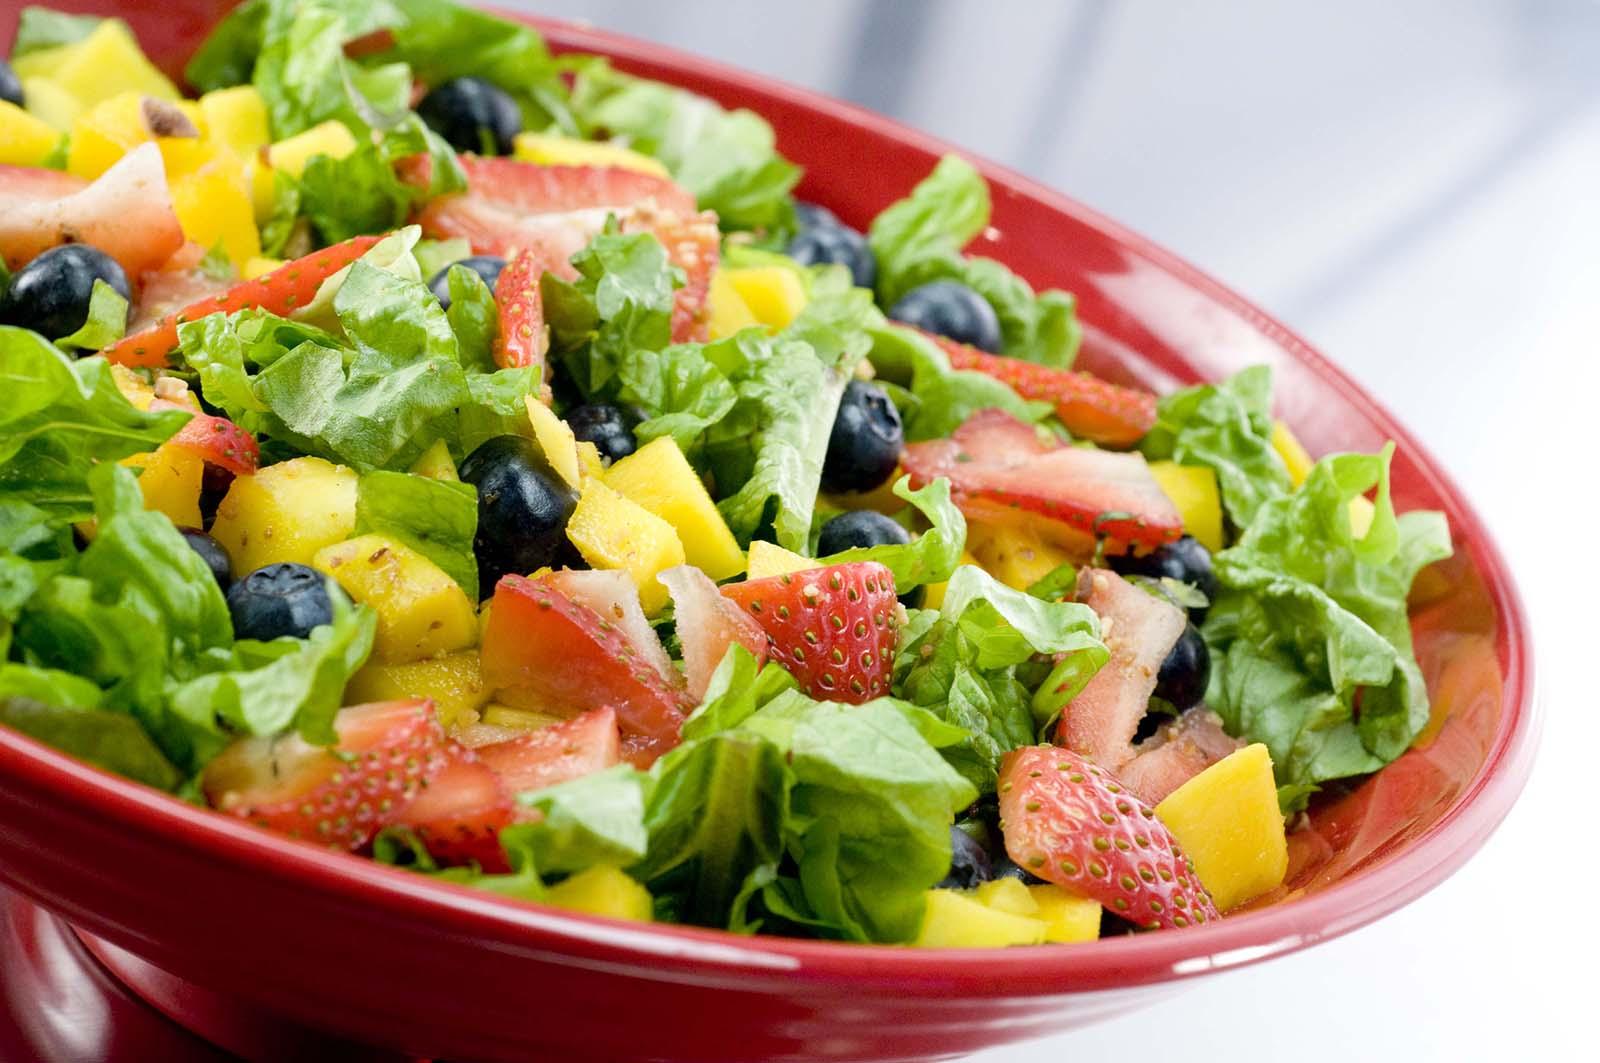 Het nieuwe eten versus schone voeding | Fitt-ality: www.fitt-ality.nl/voeding